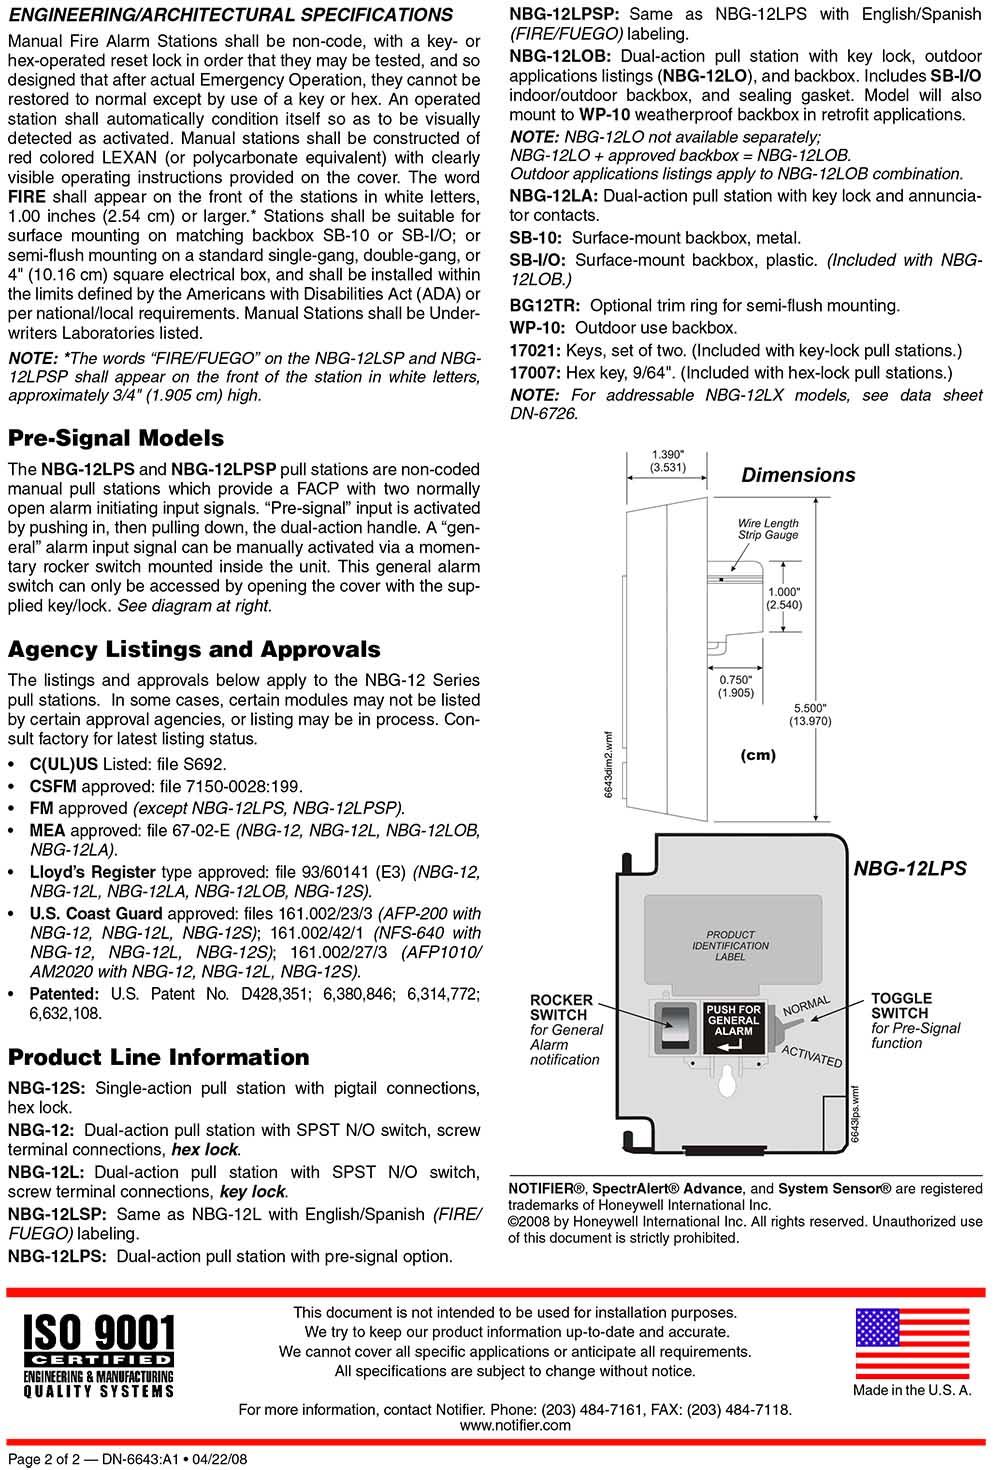 สัญญาณเตือนภัยดึงมือ รุ่น NBG-12S Manual pull